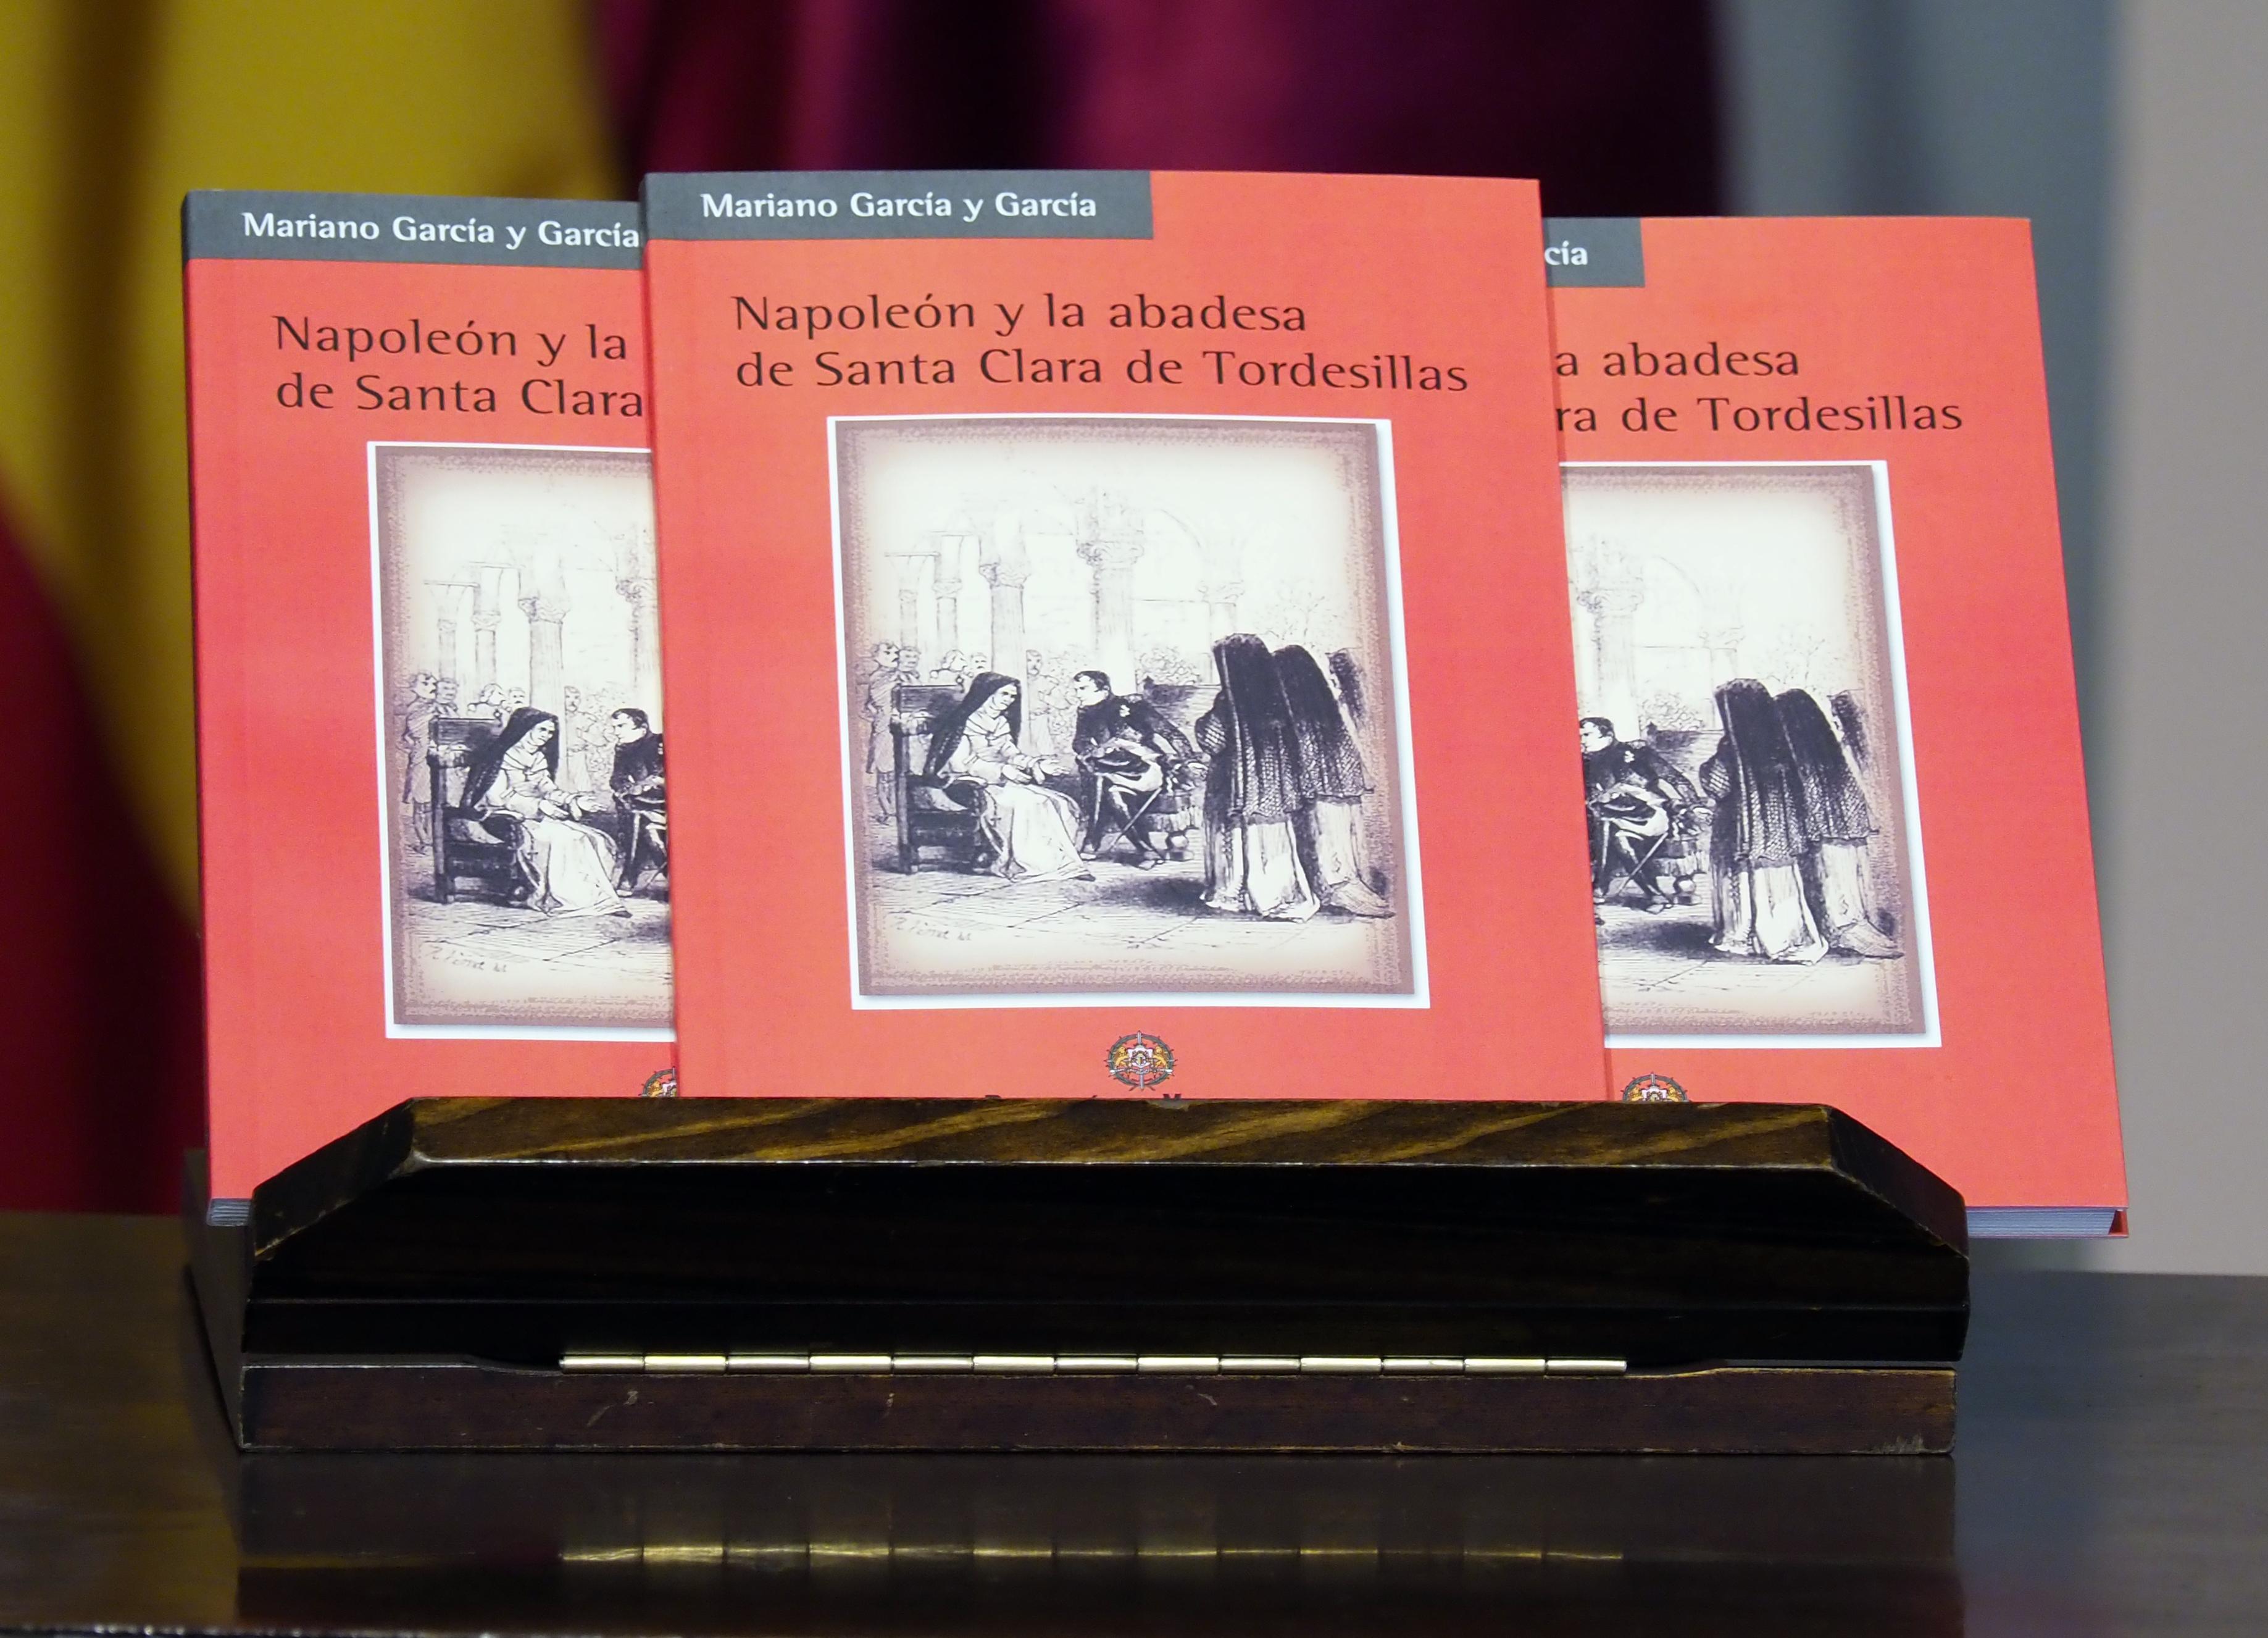 6-6-2017 - Napoleón y la abadesa de Santa Clara de Tordesillas